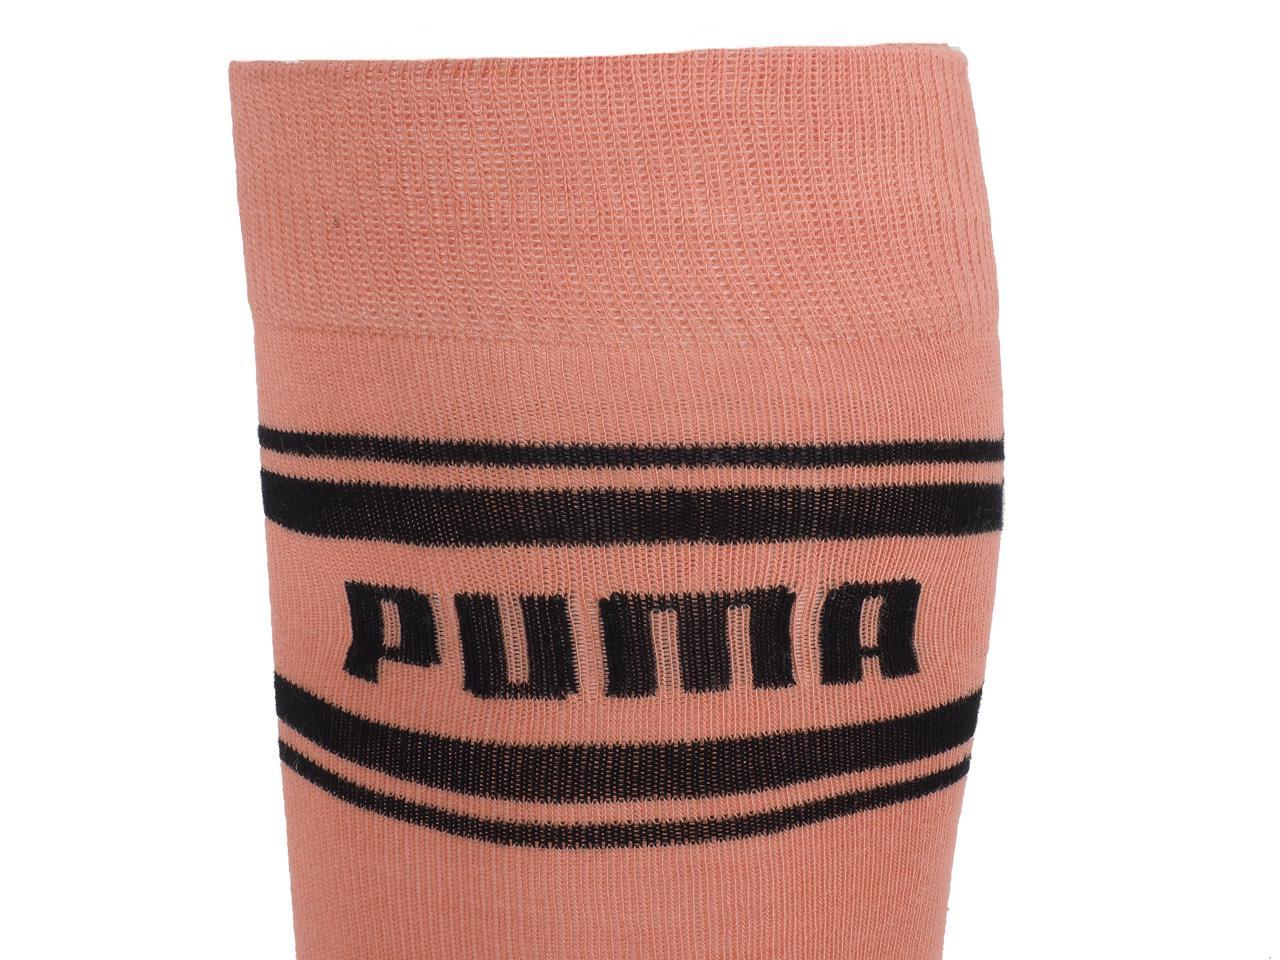 Chaussettes-Puma-Seasonnal-kneehigh-peach-Rose-46333-Neuf